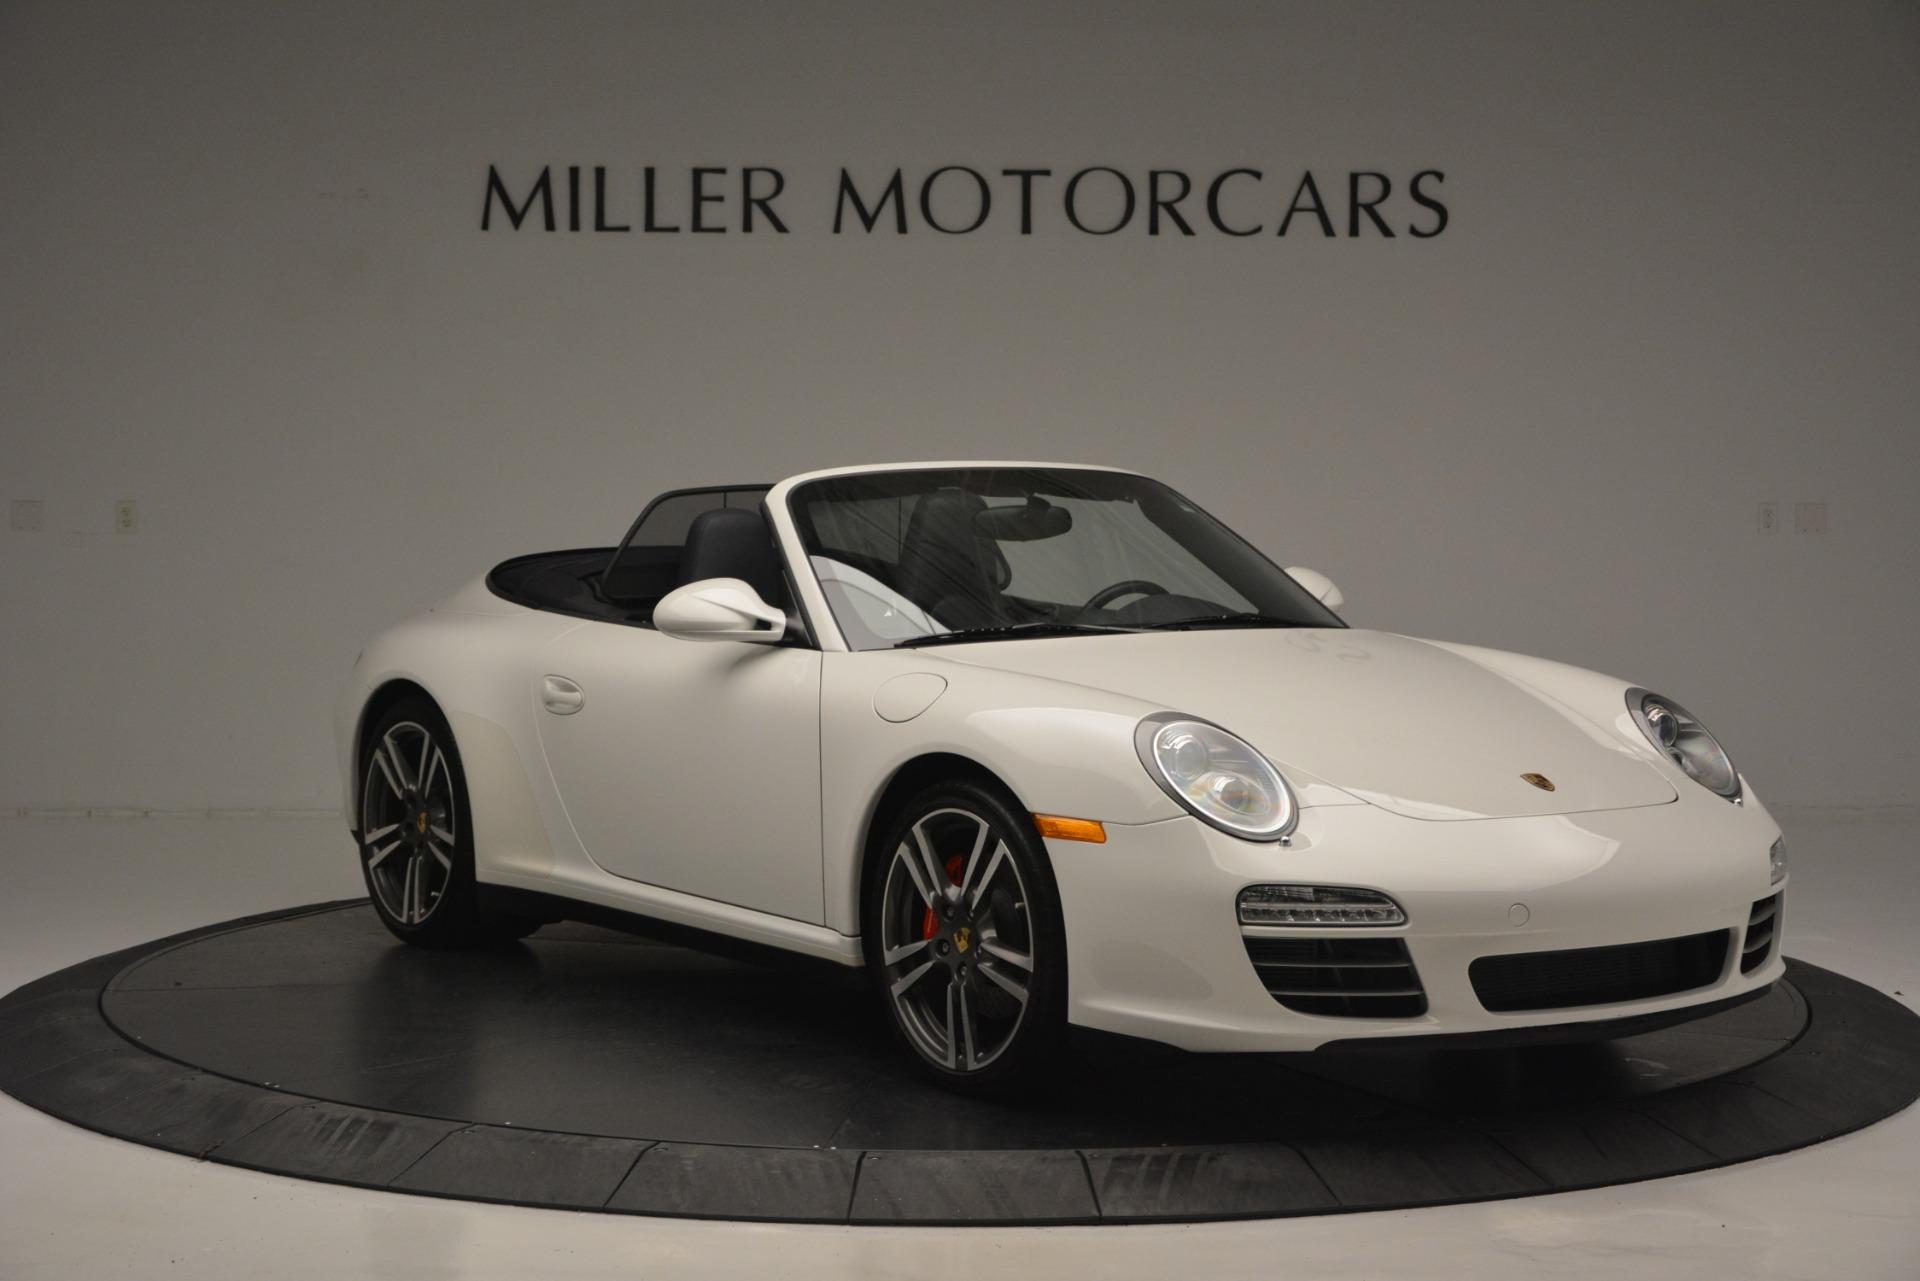 Used 2011 Porsche 911 Carrera 4S For Sale In Westport, CT 2600_p12